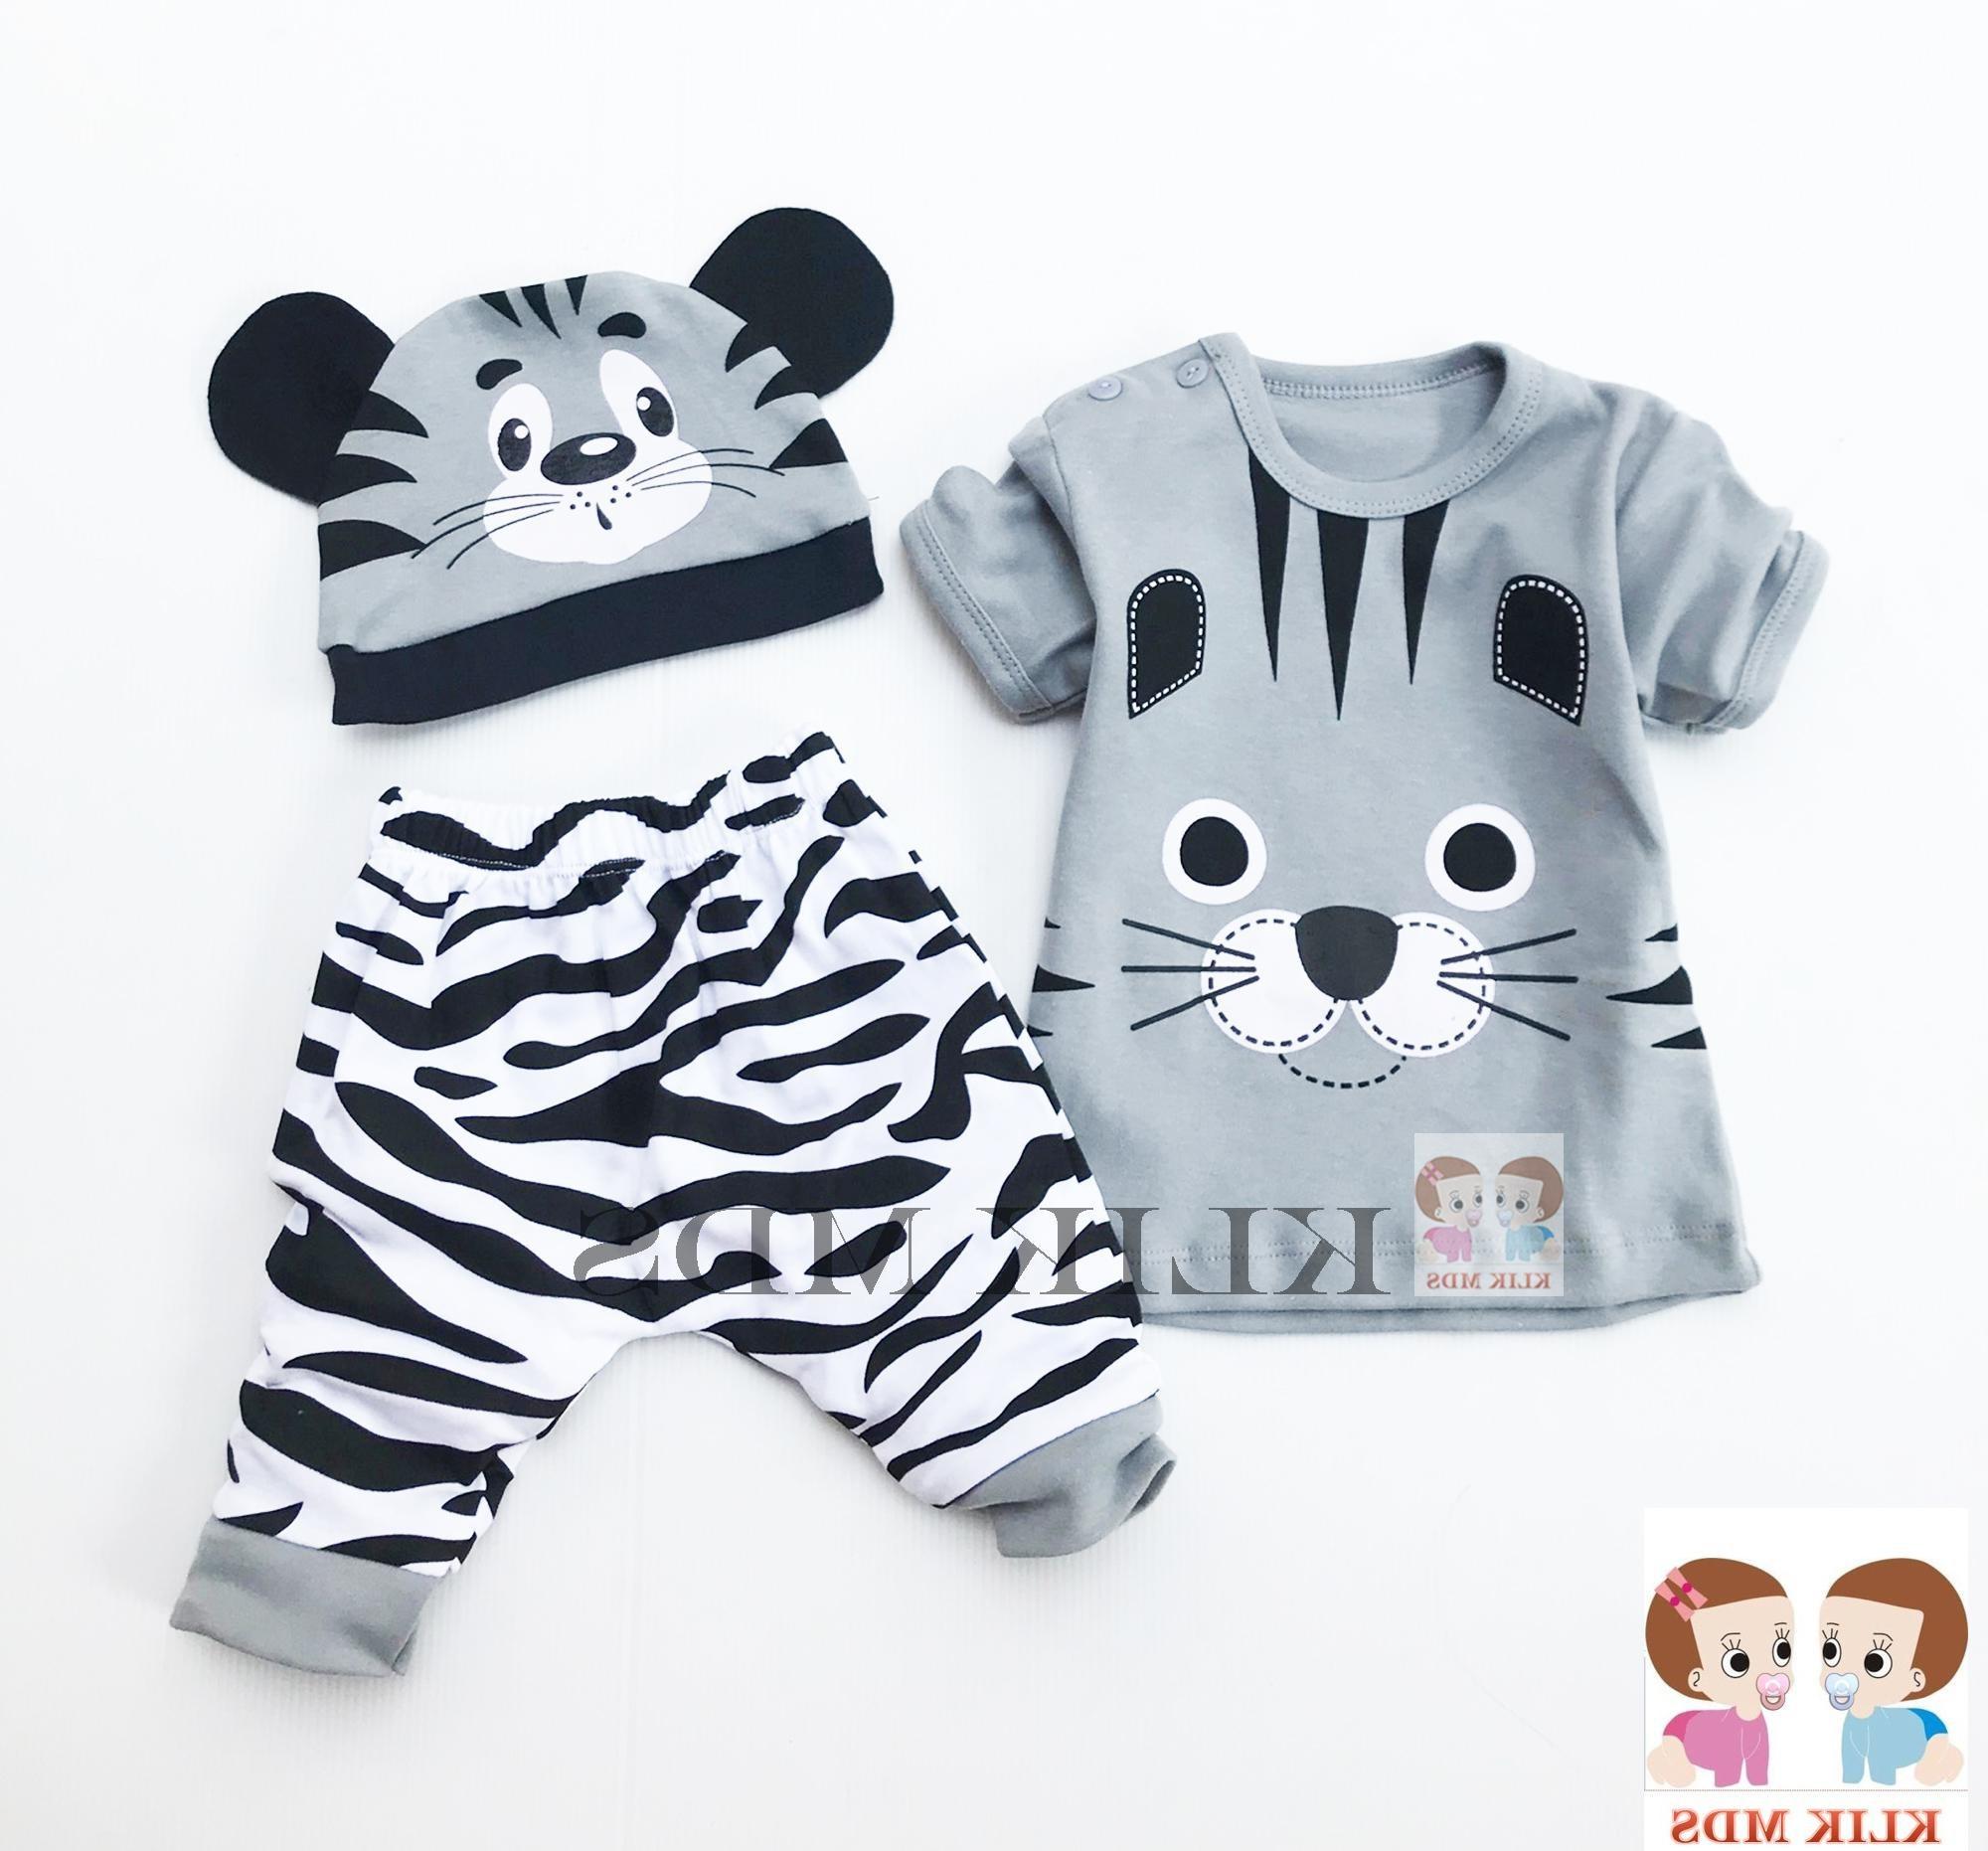 Design Baju Lebaran Laki Laki Drdp 10 Set Pakaian Bayi Laki Laki Terbaik Di Tahun 2020